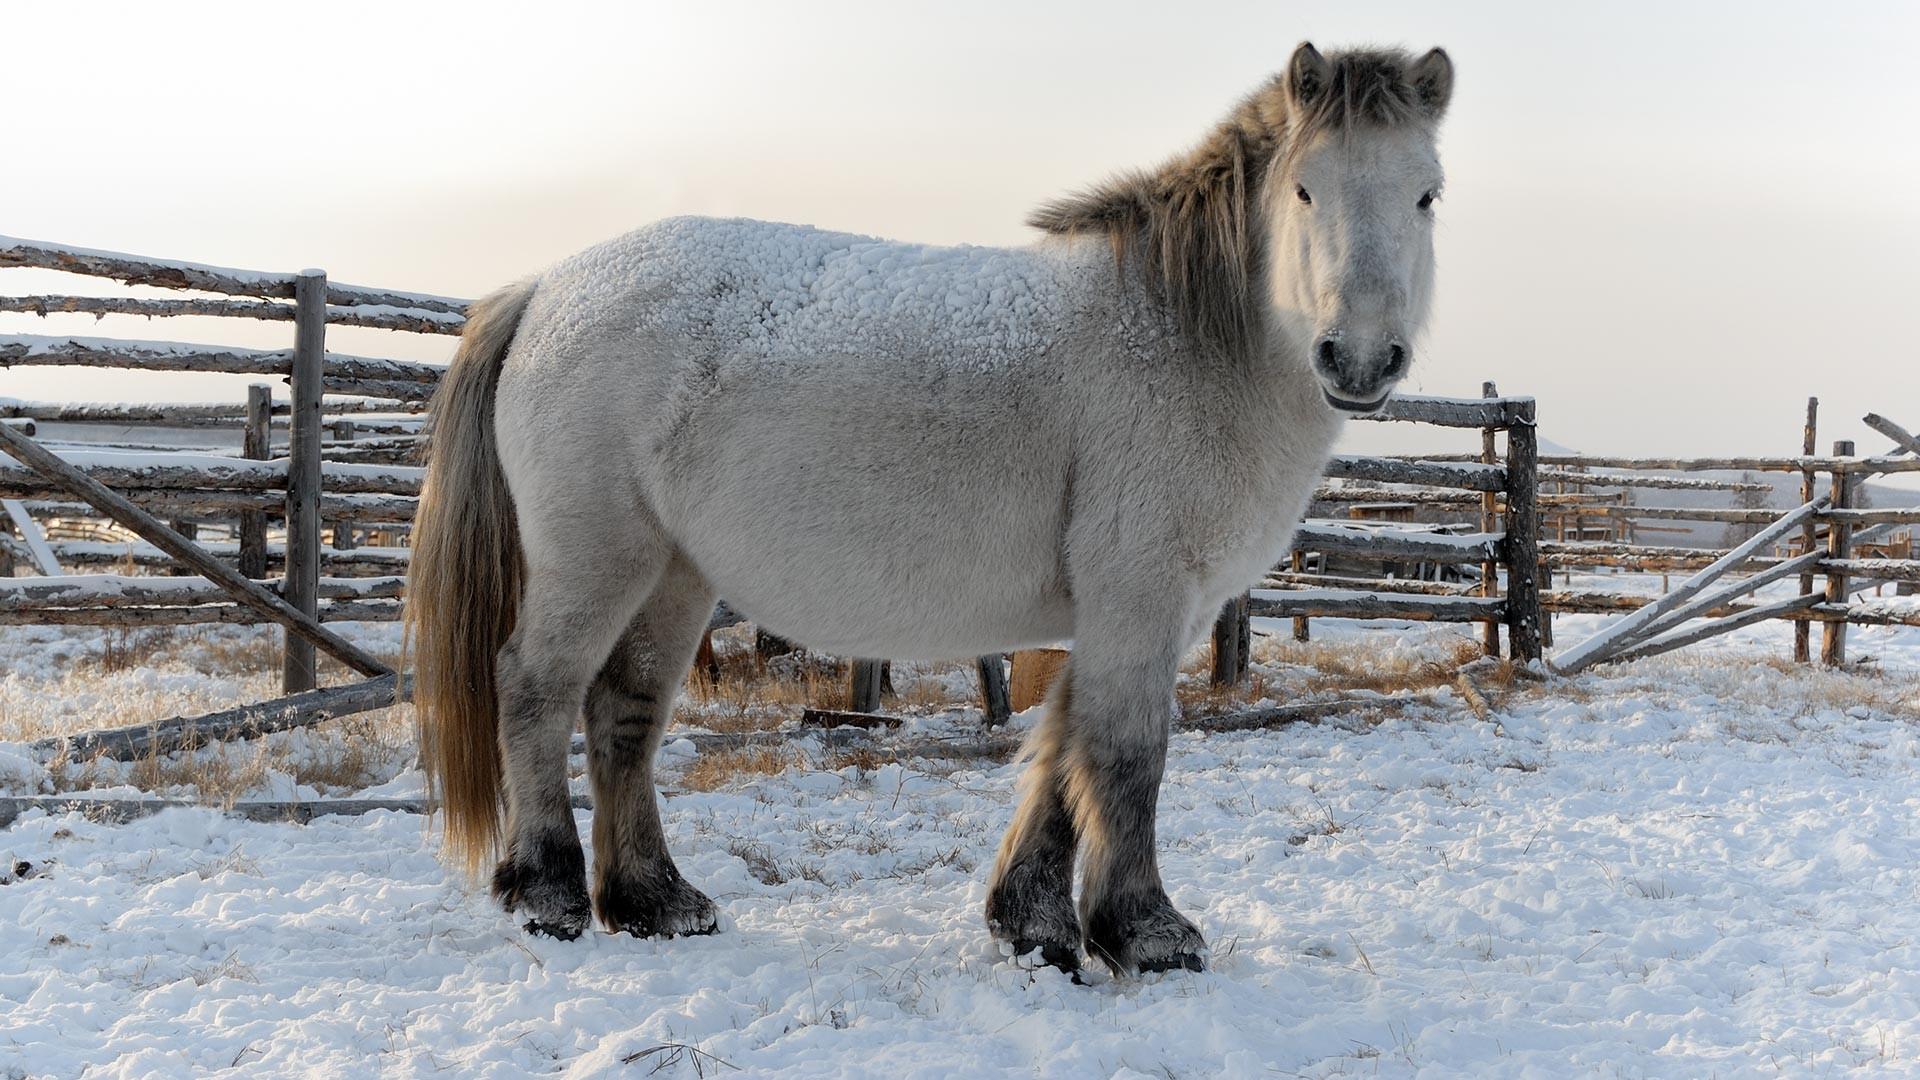 ヤクーチアの寒さにもっとも強い馬(写真特集) - ロシア・ビヨンド